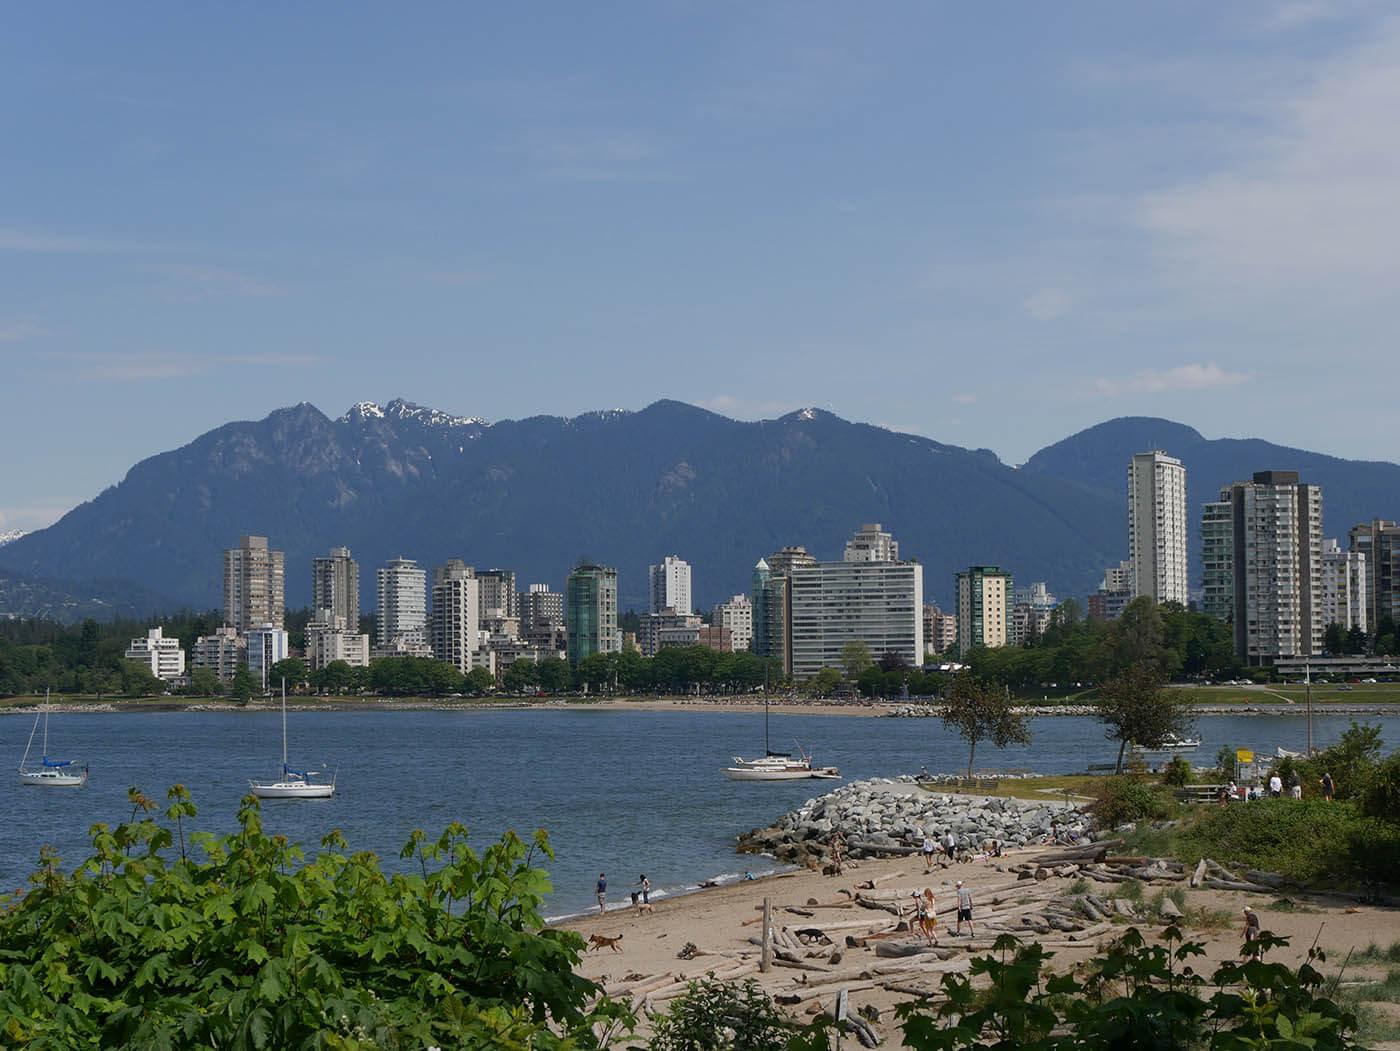 ville de Vancouver avec vue sur les montagnes